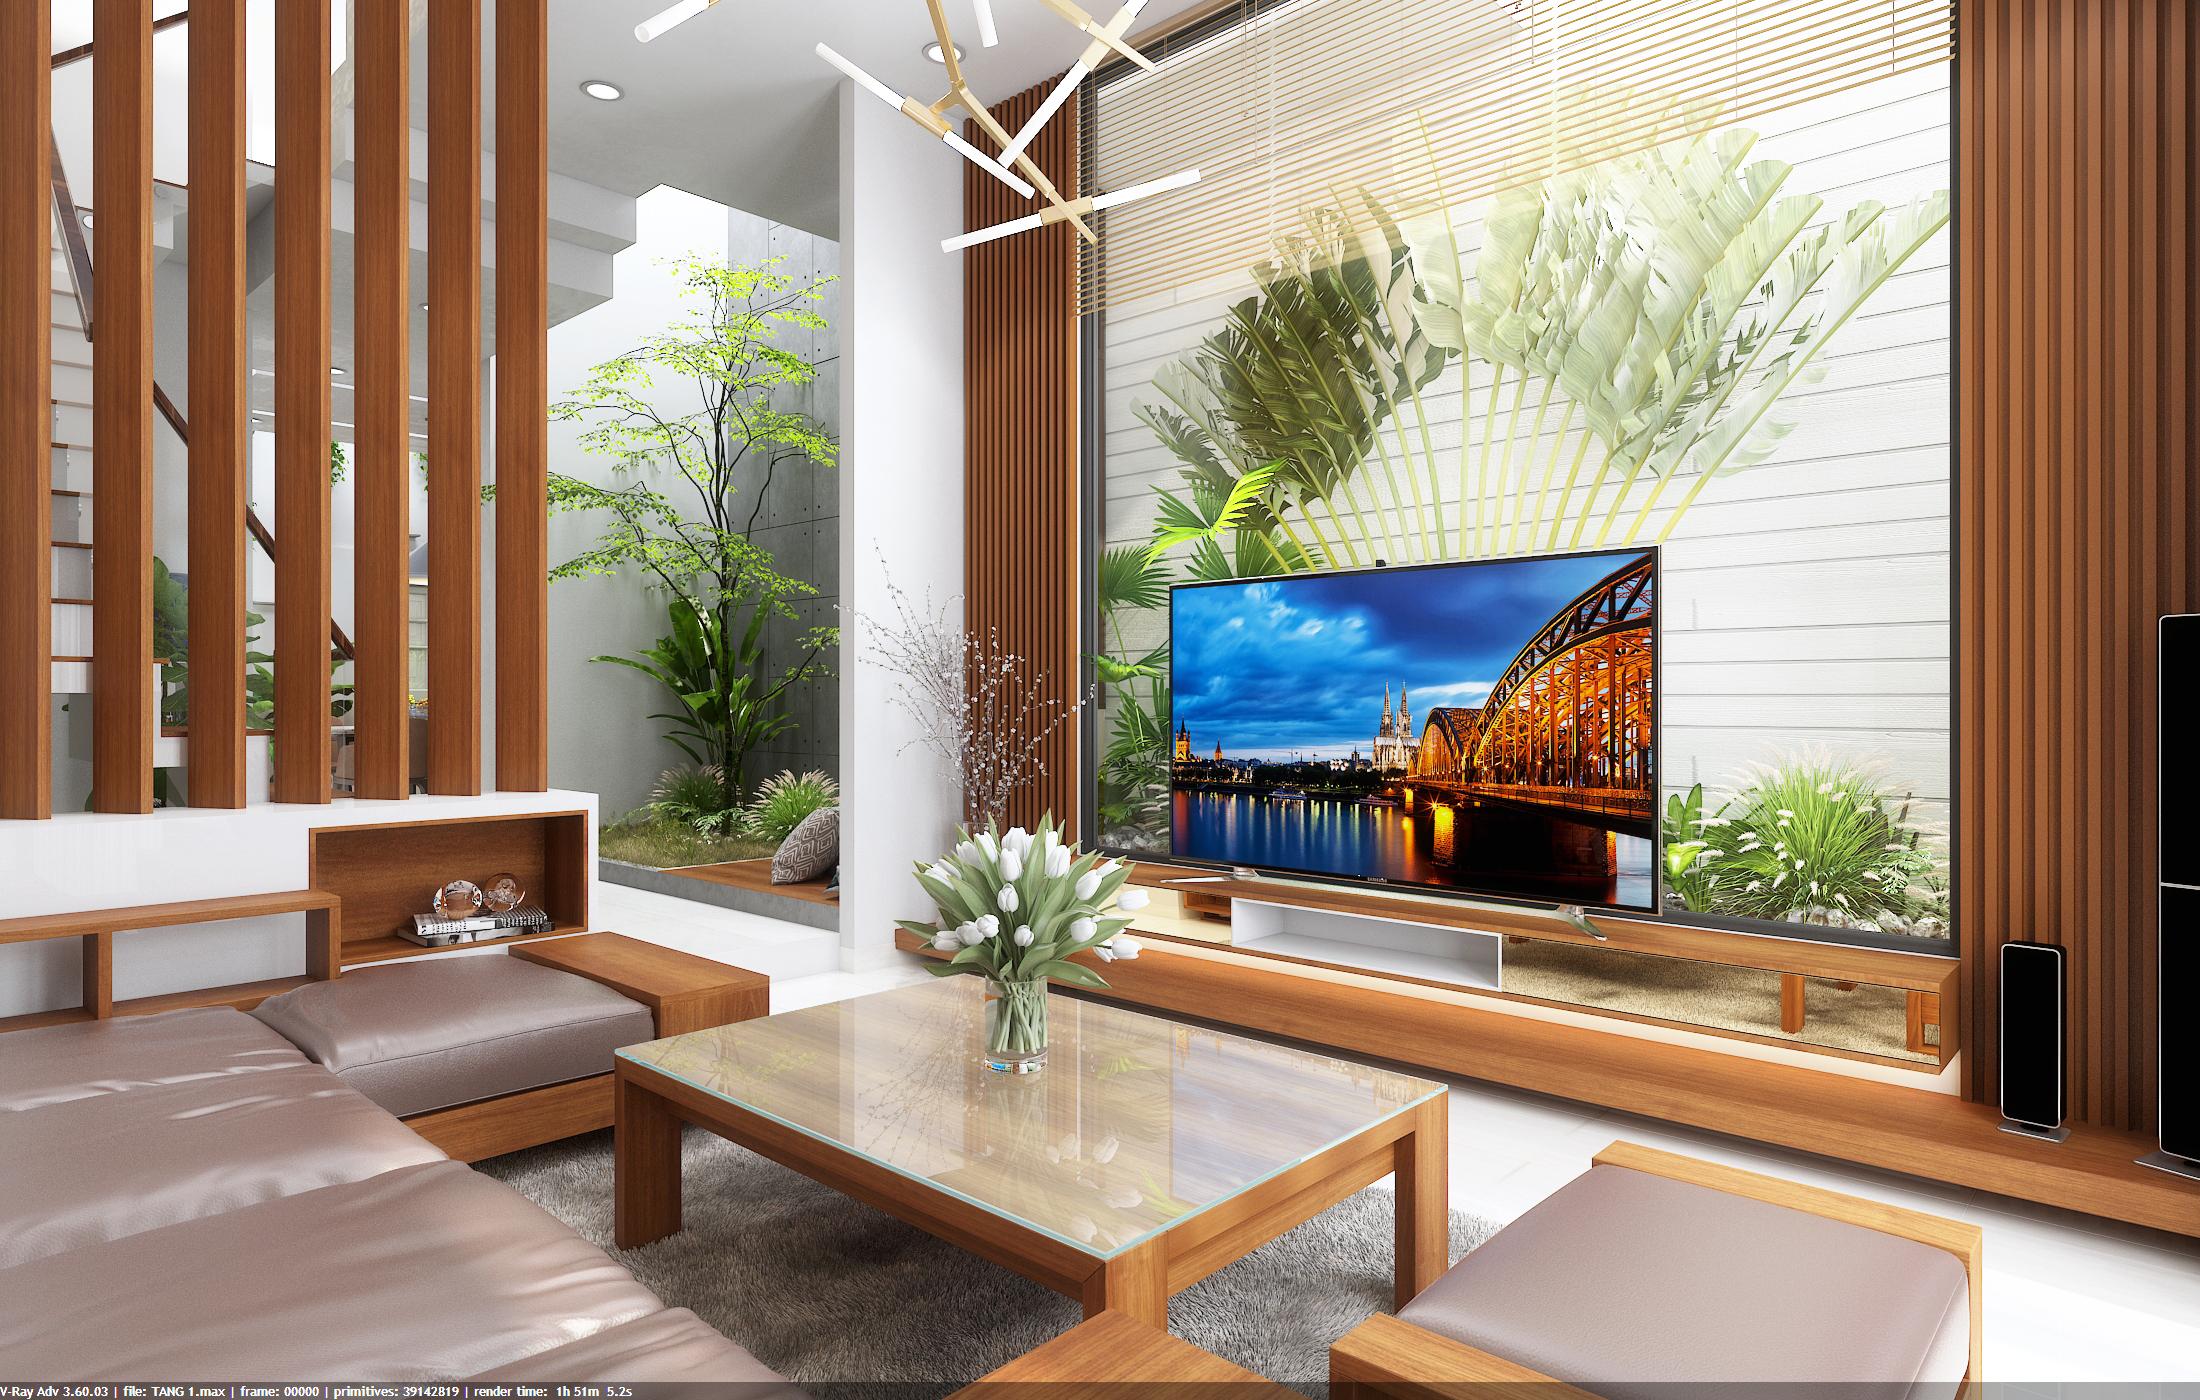 thiết kế nội thất Nhà Mặt Phố tại Đà Nẵng Loc House Interior 1 1548312550